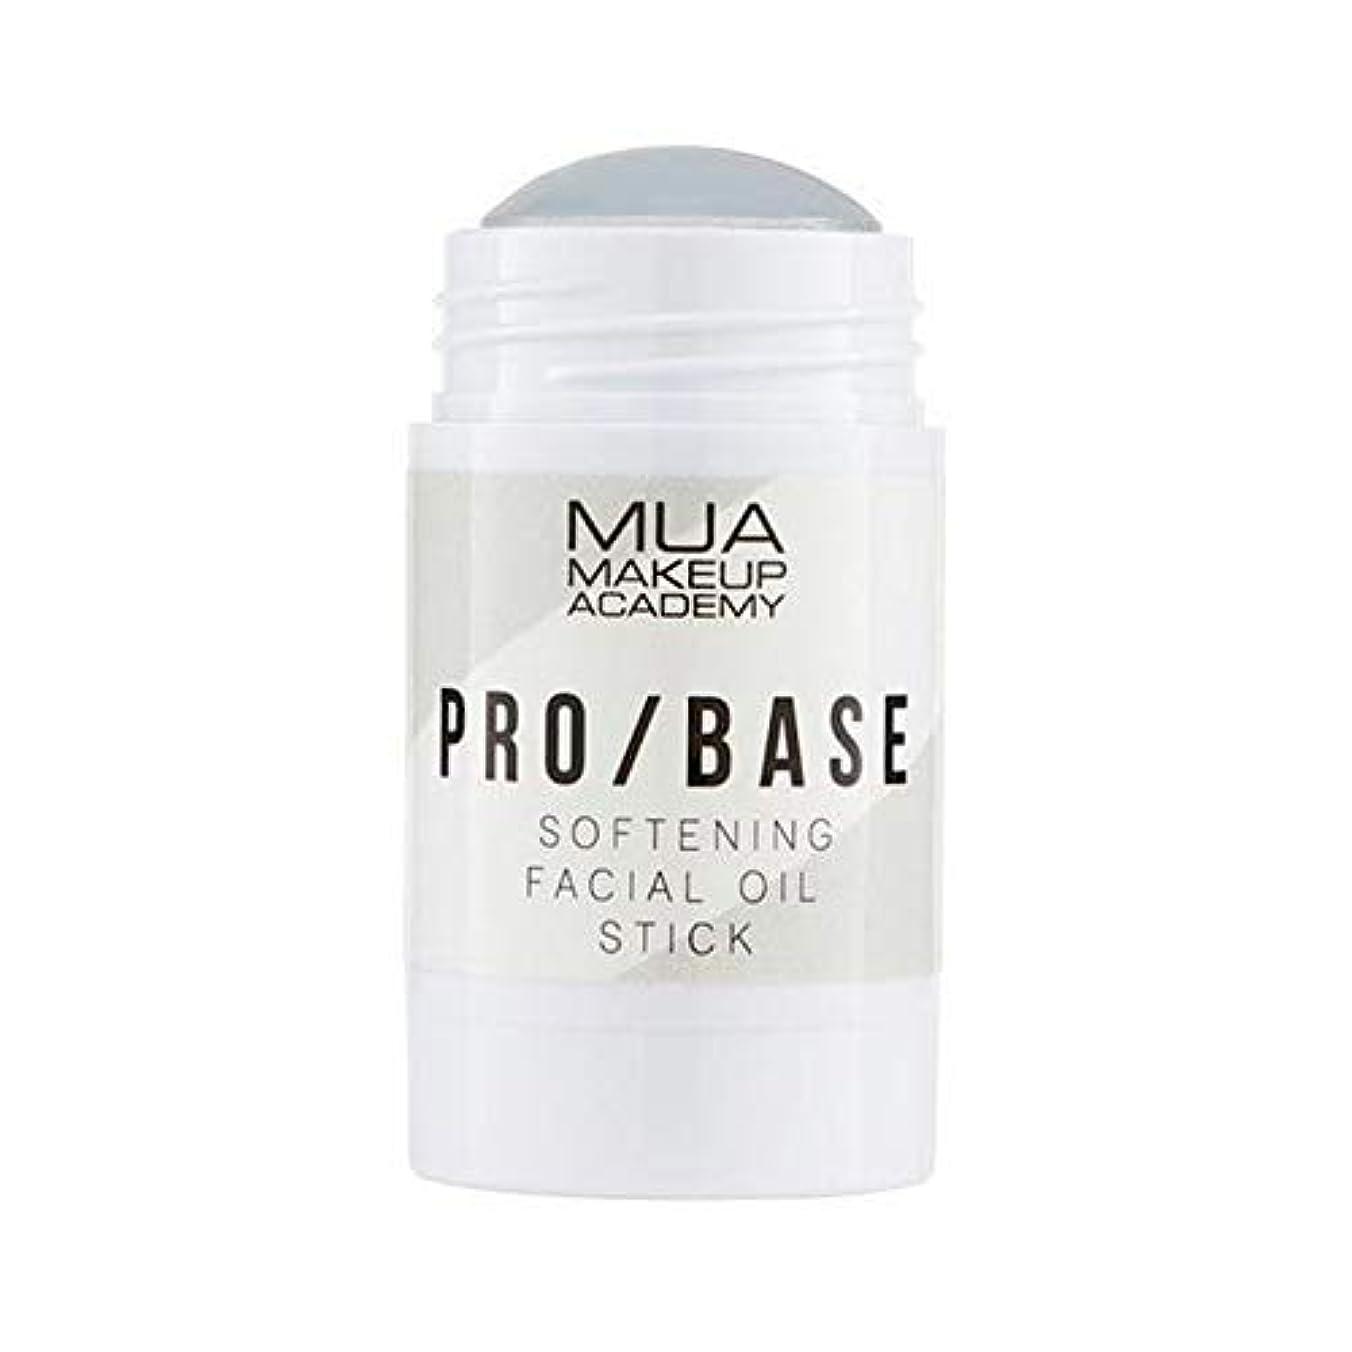 実行市場薄い[MUA] フェイシャルオイルスティックを軟化Muaプロベース - MUA Pro Base Softening Facial Oil Stick [並行輸入品]